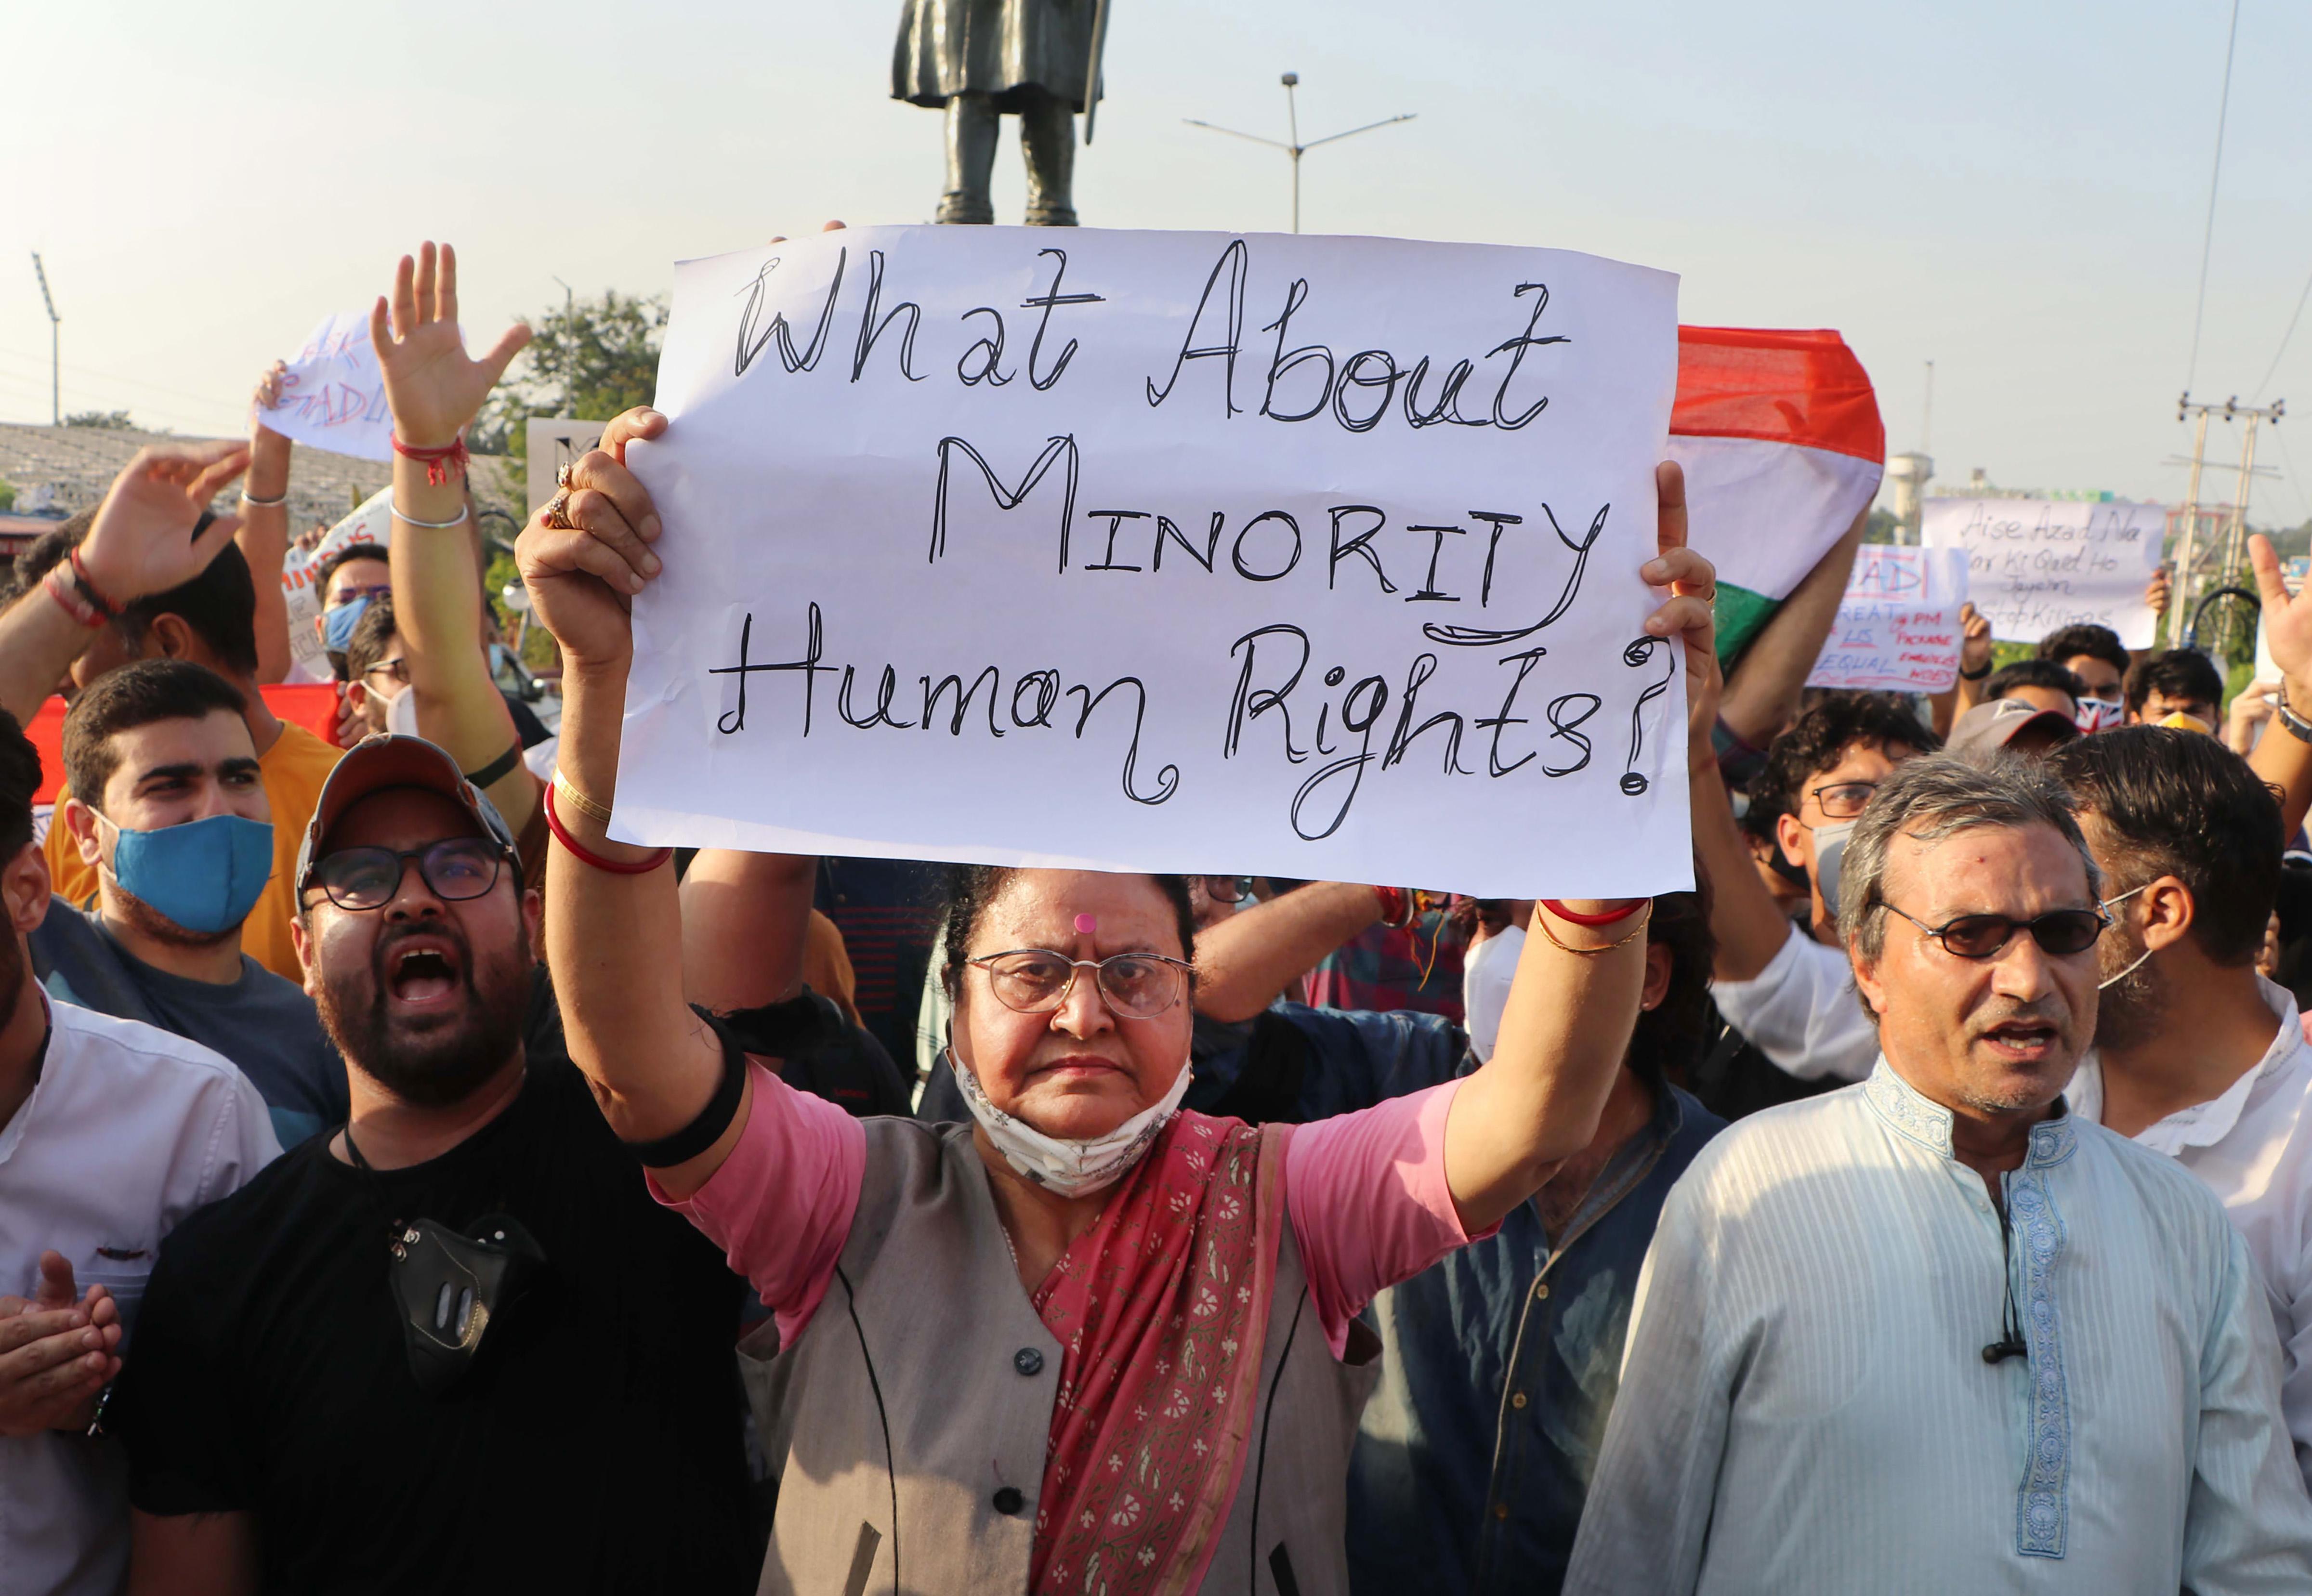 कश्मीर में कश्मीरी पंडितों और सिखों पर हमले के बाद आम लोगों में गुस्सा है। आतंकी हमलों के विरोध में यहां रोज जुलूस निकाले जा रहे हैं।